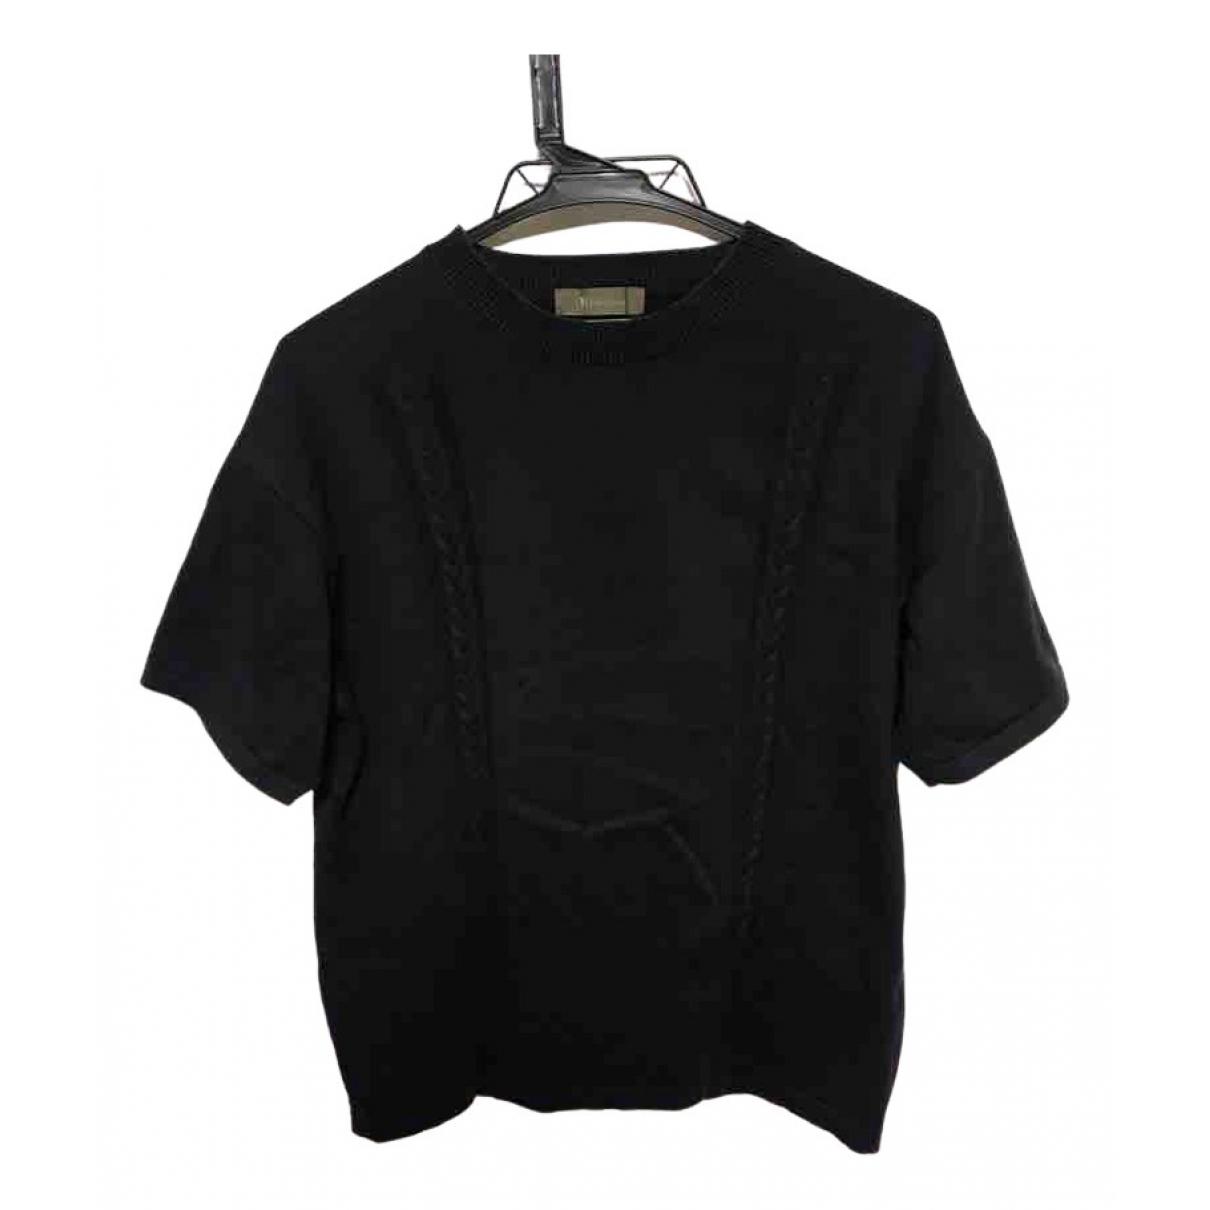 Ys \N T-Shirts in  Schwarz Baumwolle